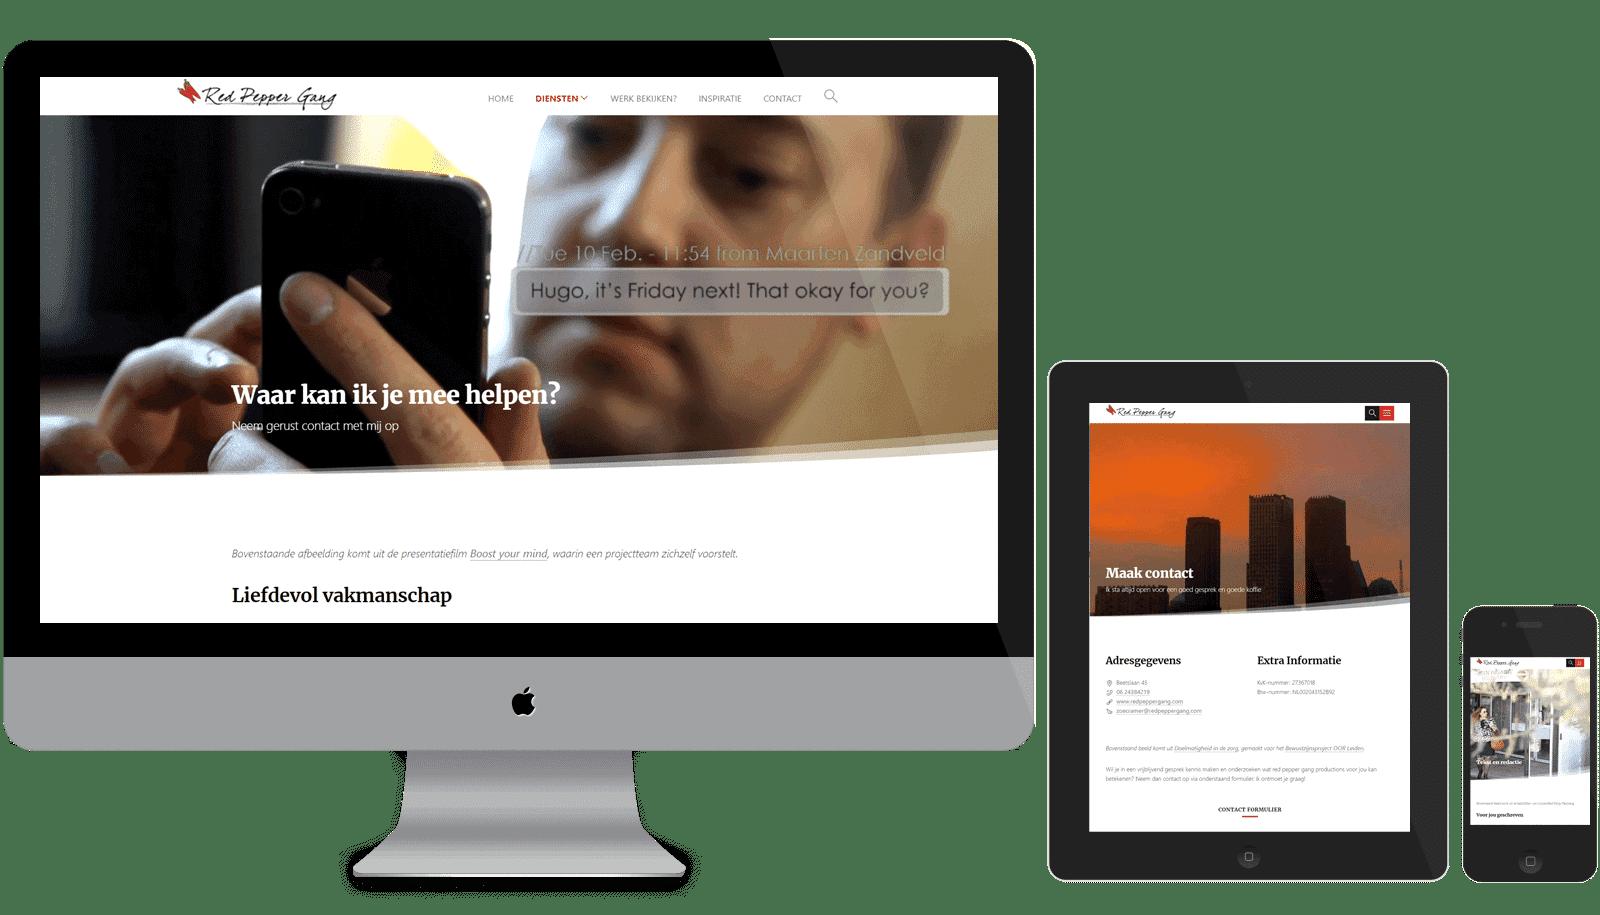 Responsive WordPress Theme voor Red pepper gang op verschillende beeldschermformaten